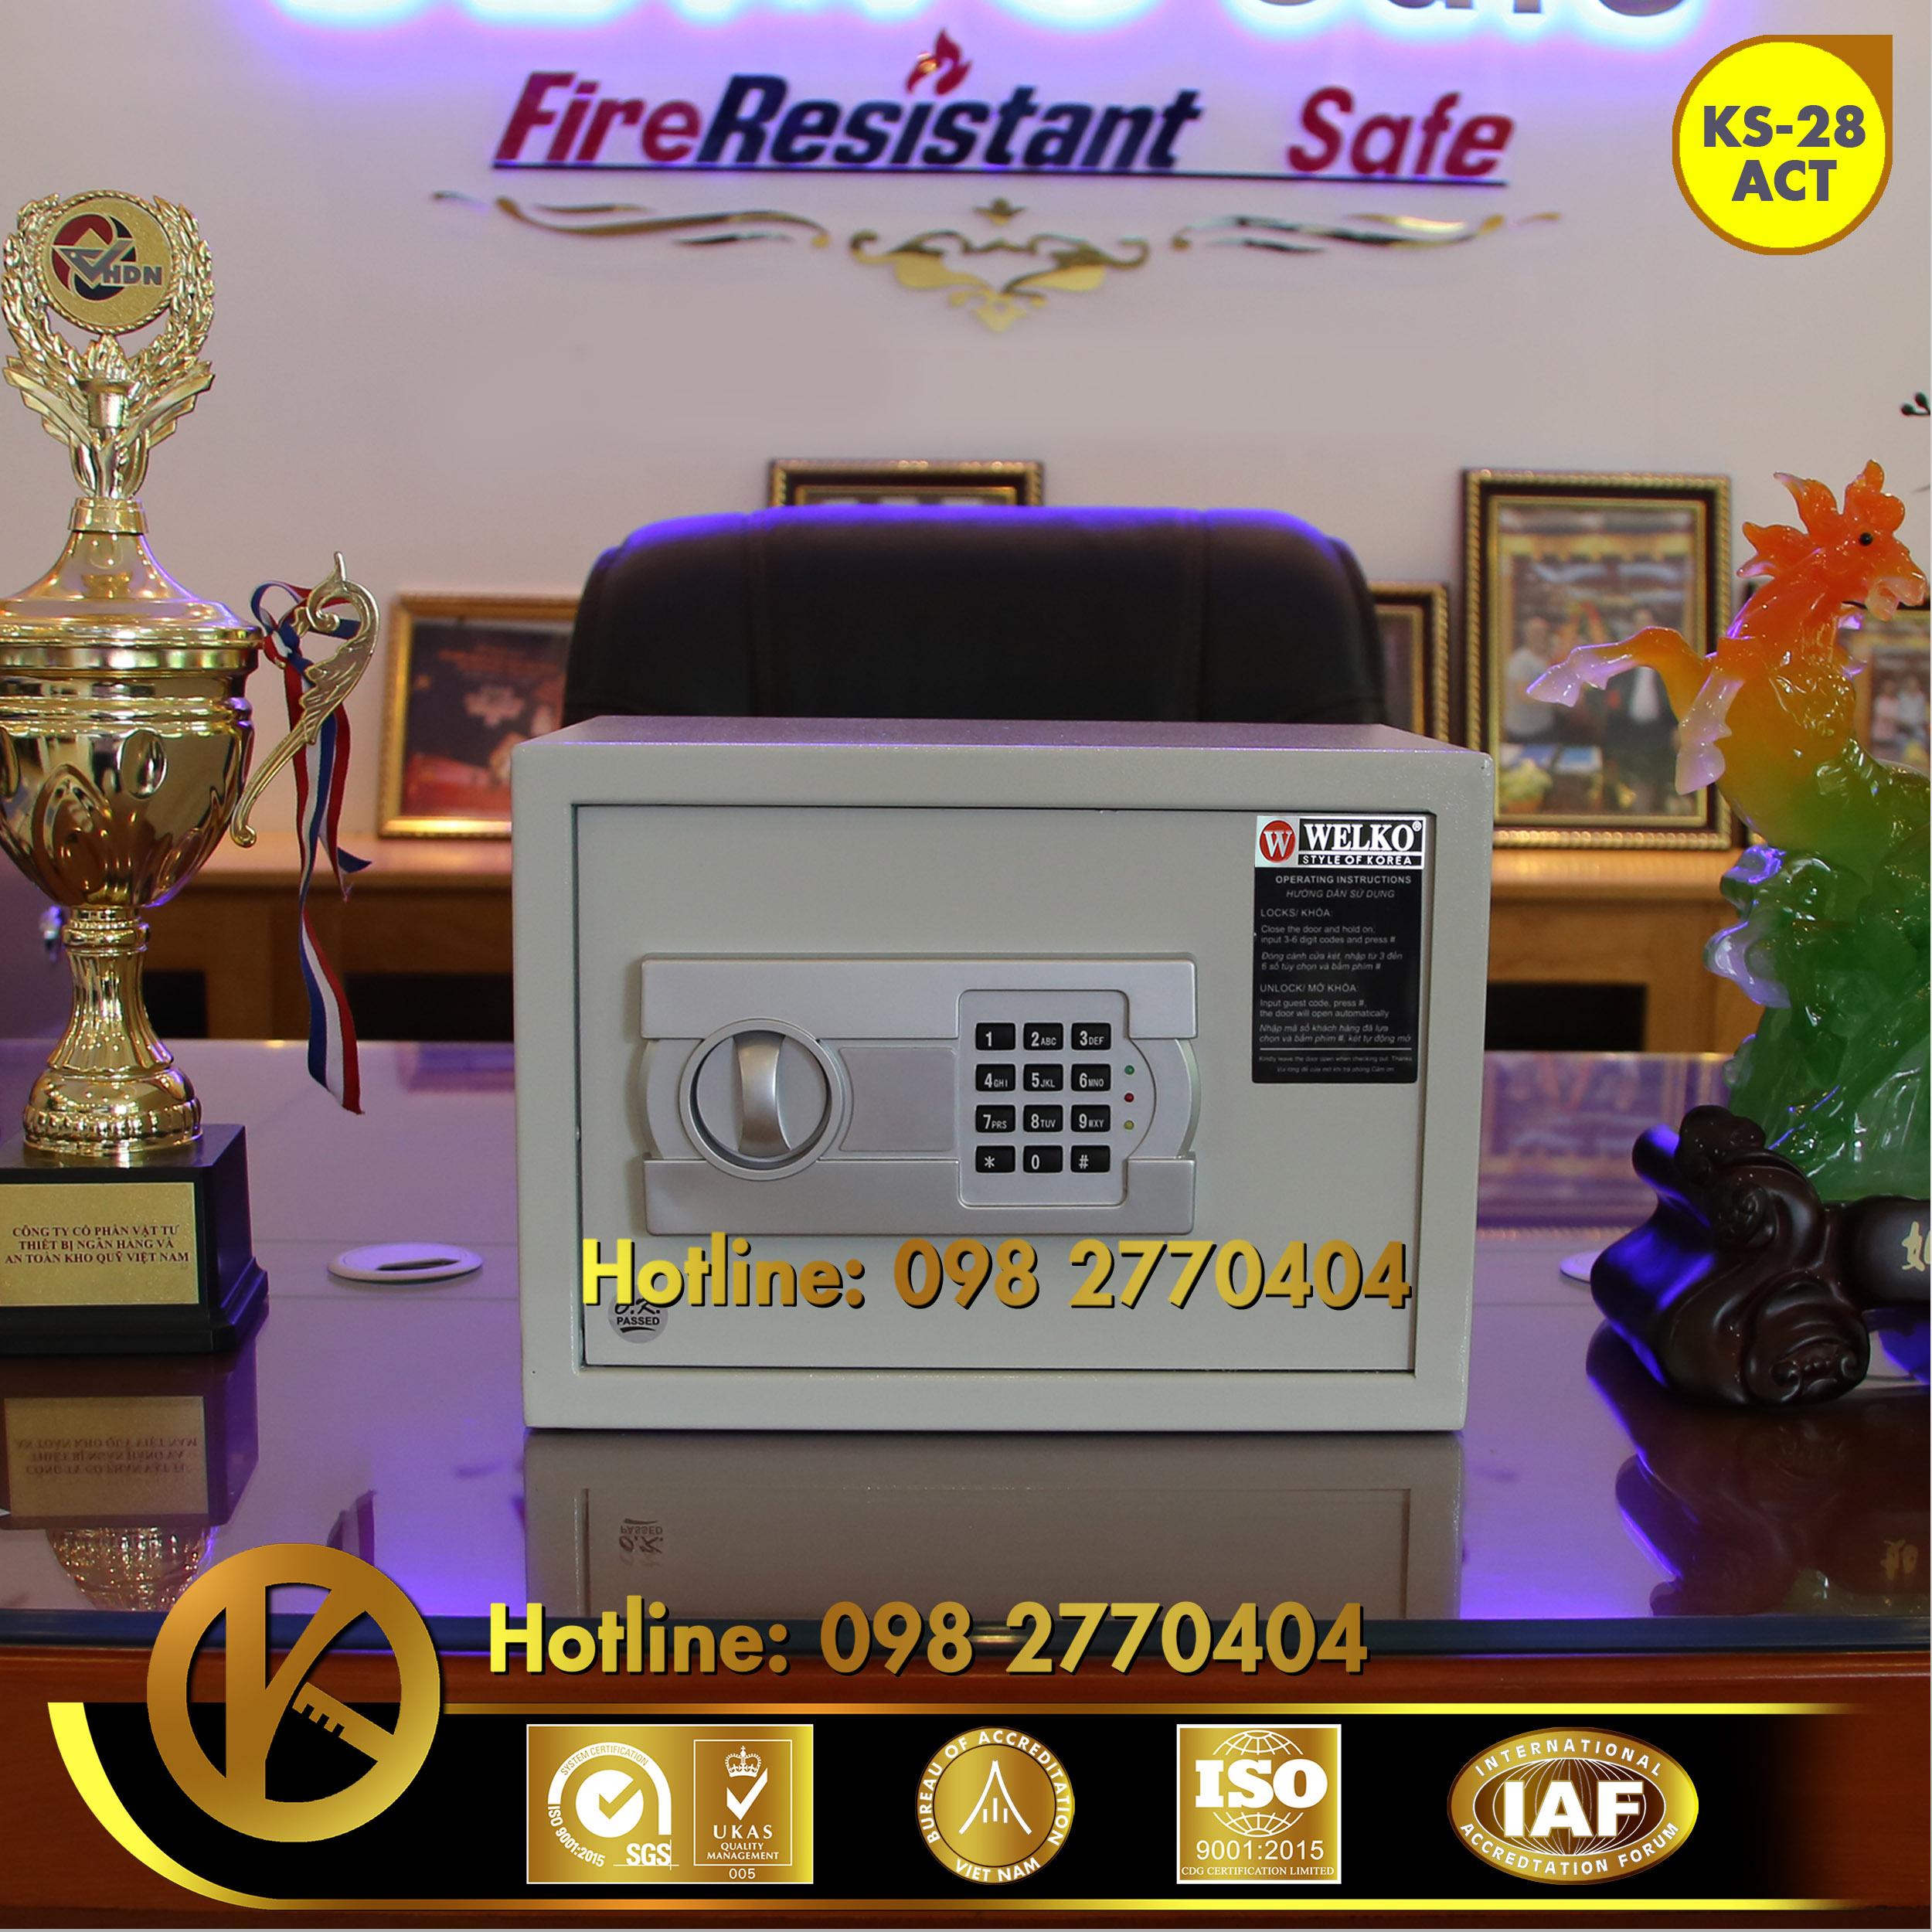 nhà cung cấp két sắt khách sạn căn hộ Condotel Hội An WELKO Hotel Safe